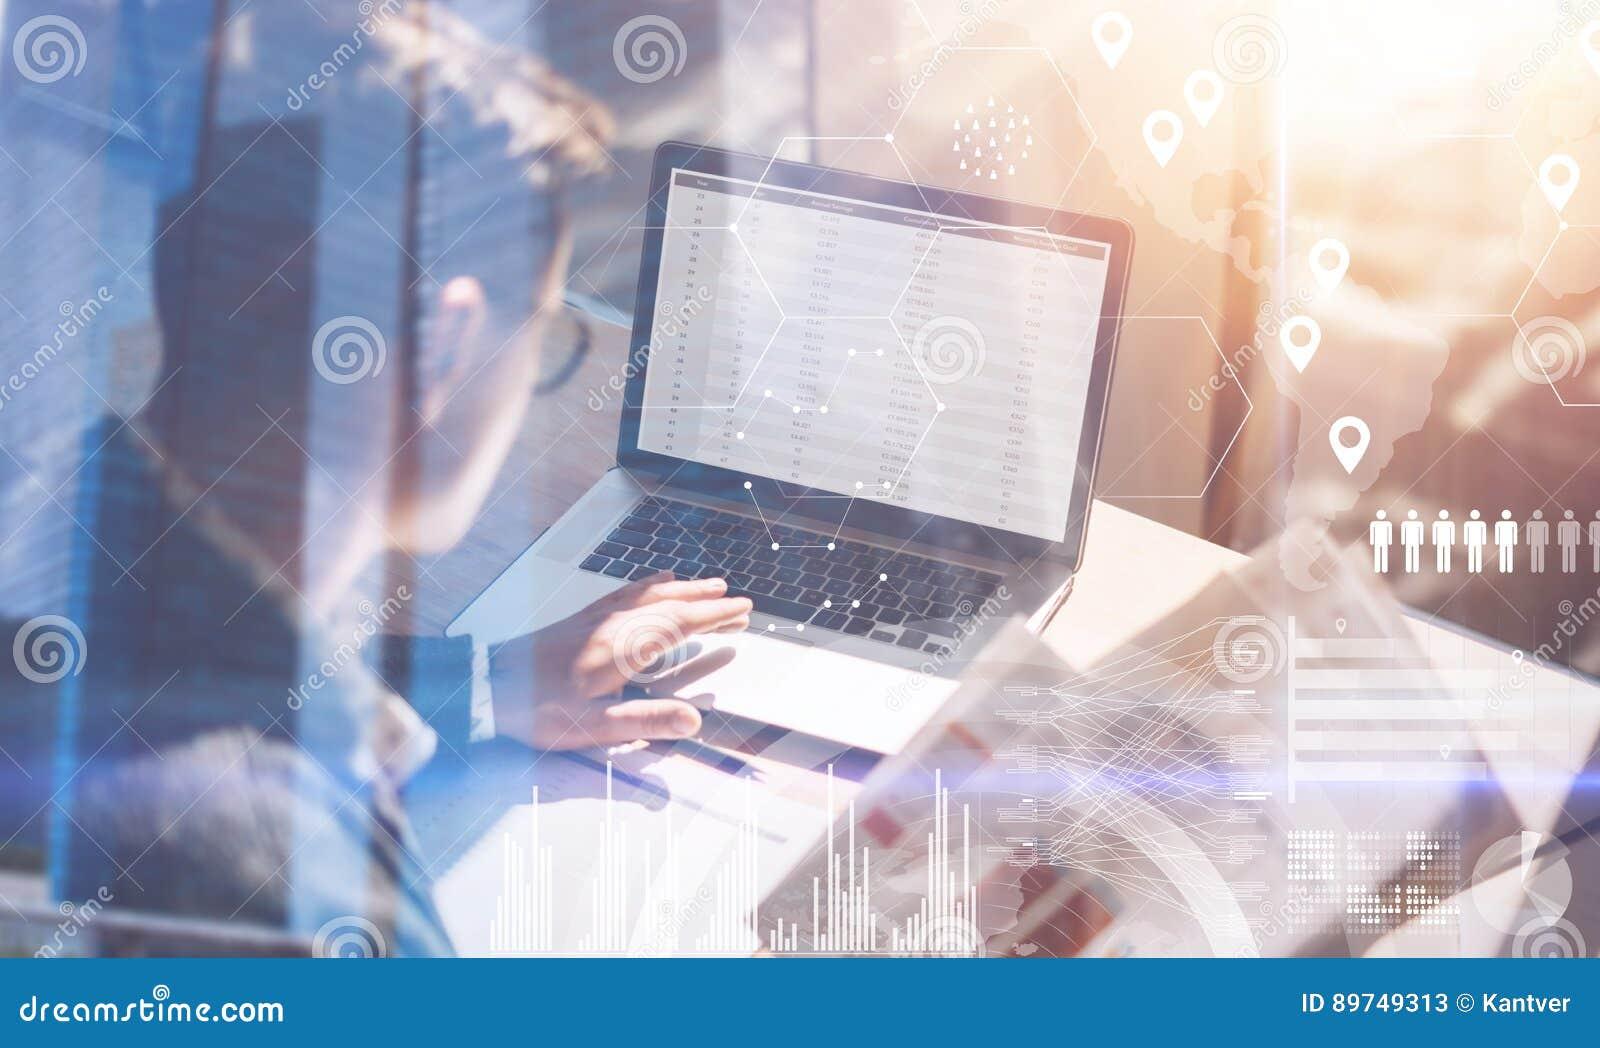 Zakenman die op zonnig kantoor aan laptop werken Het document van de mensenholding documenten in handen Virtueel concept het digi